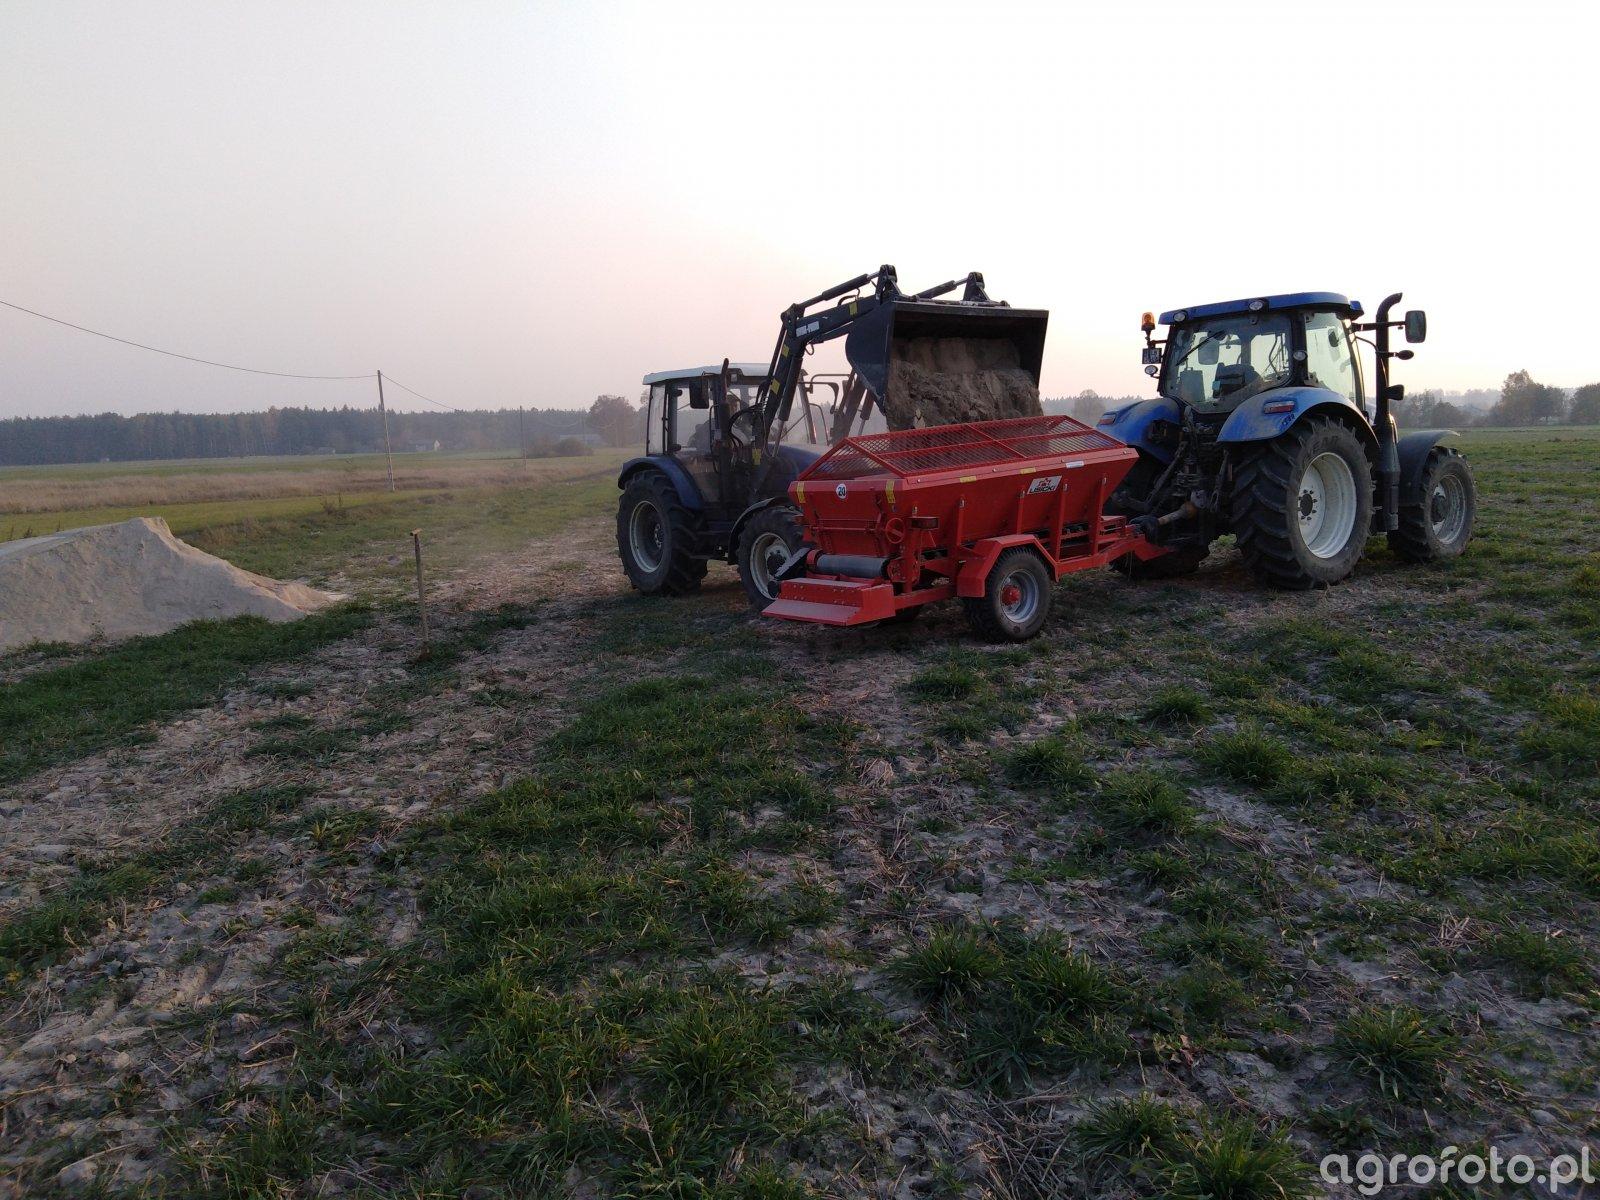 New Holland t6.120 + Lisicki & Farmtrac 675 DT